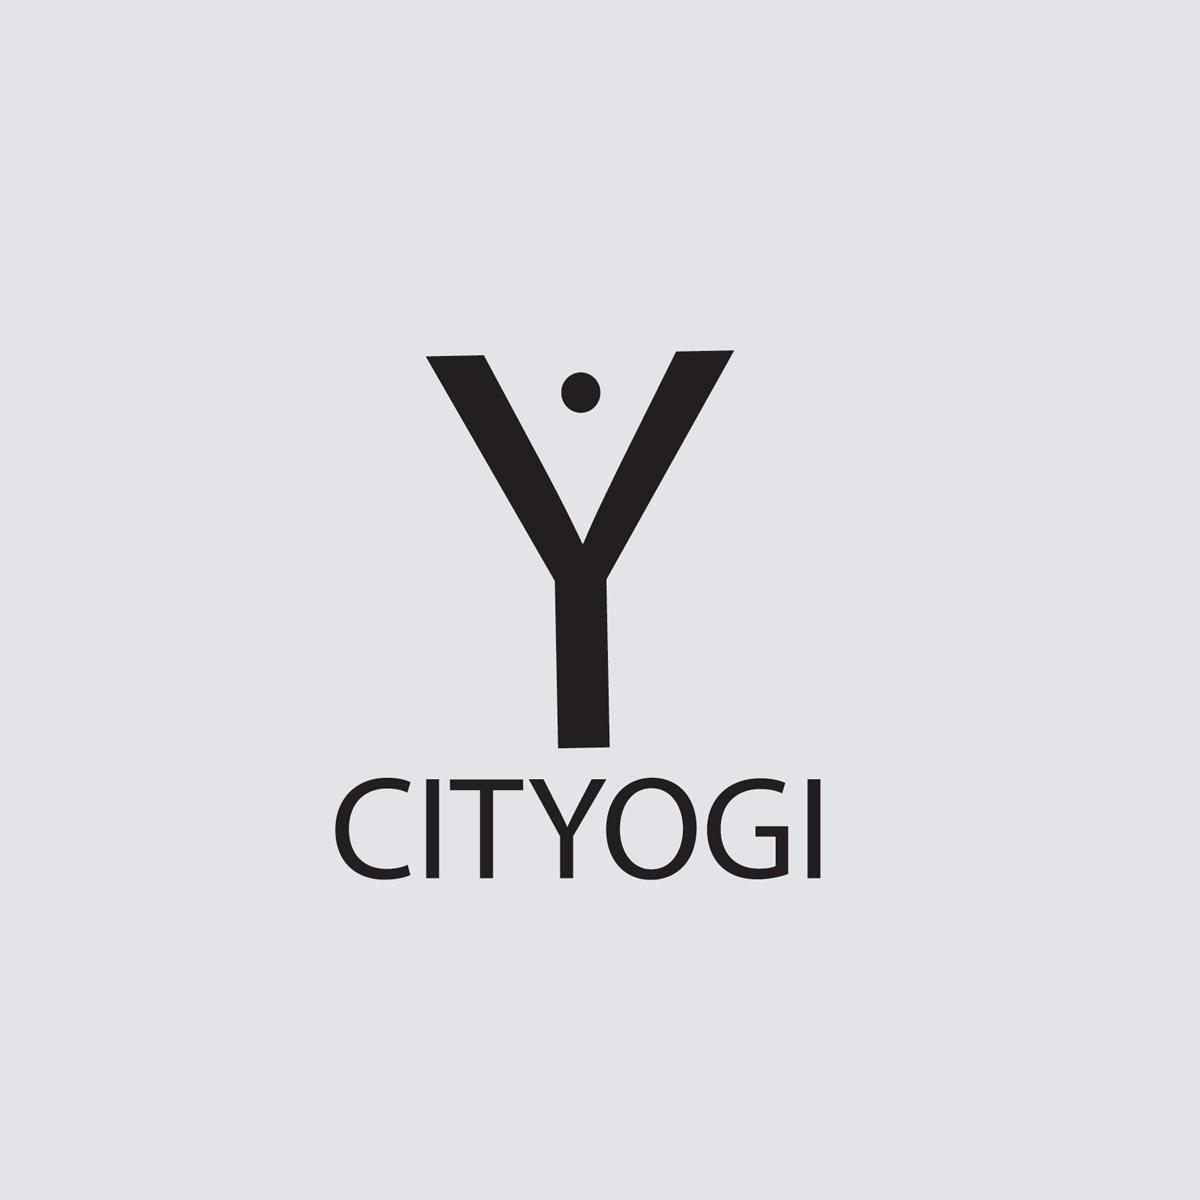 Cityogi_logo.png